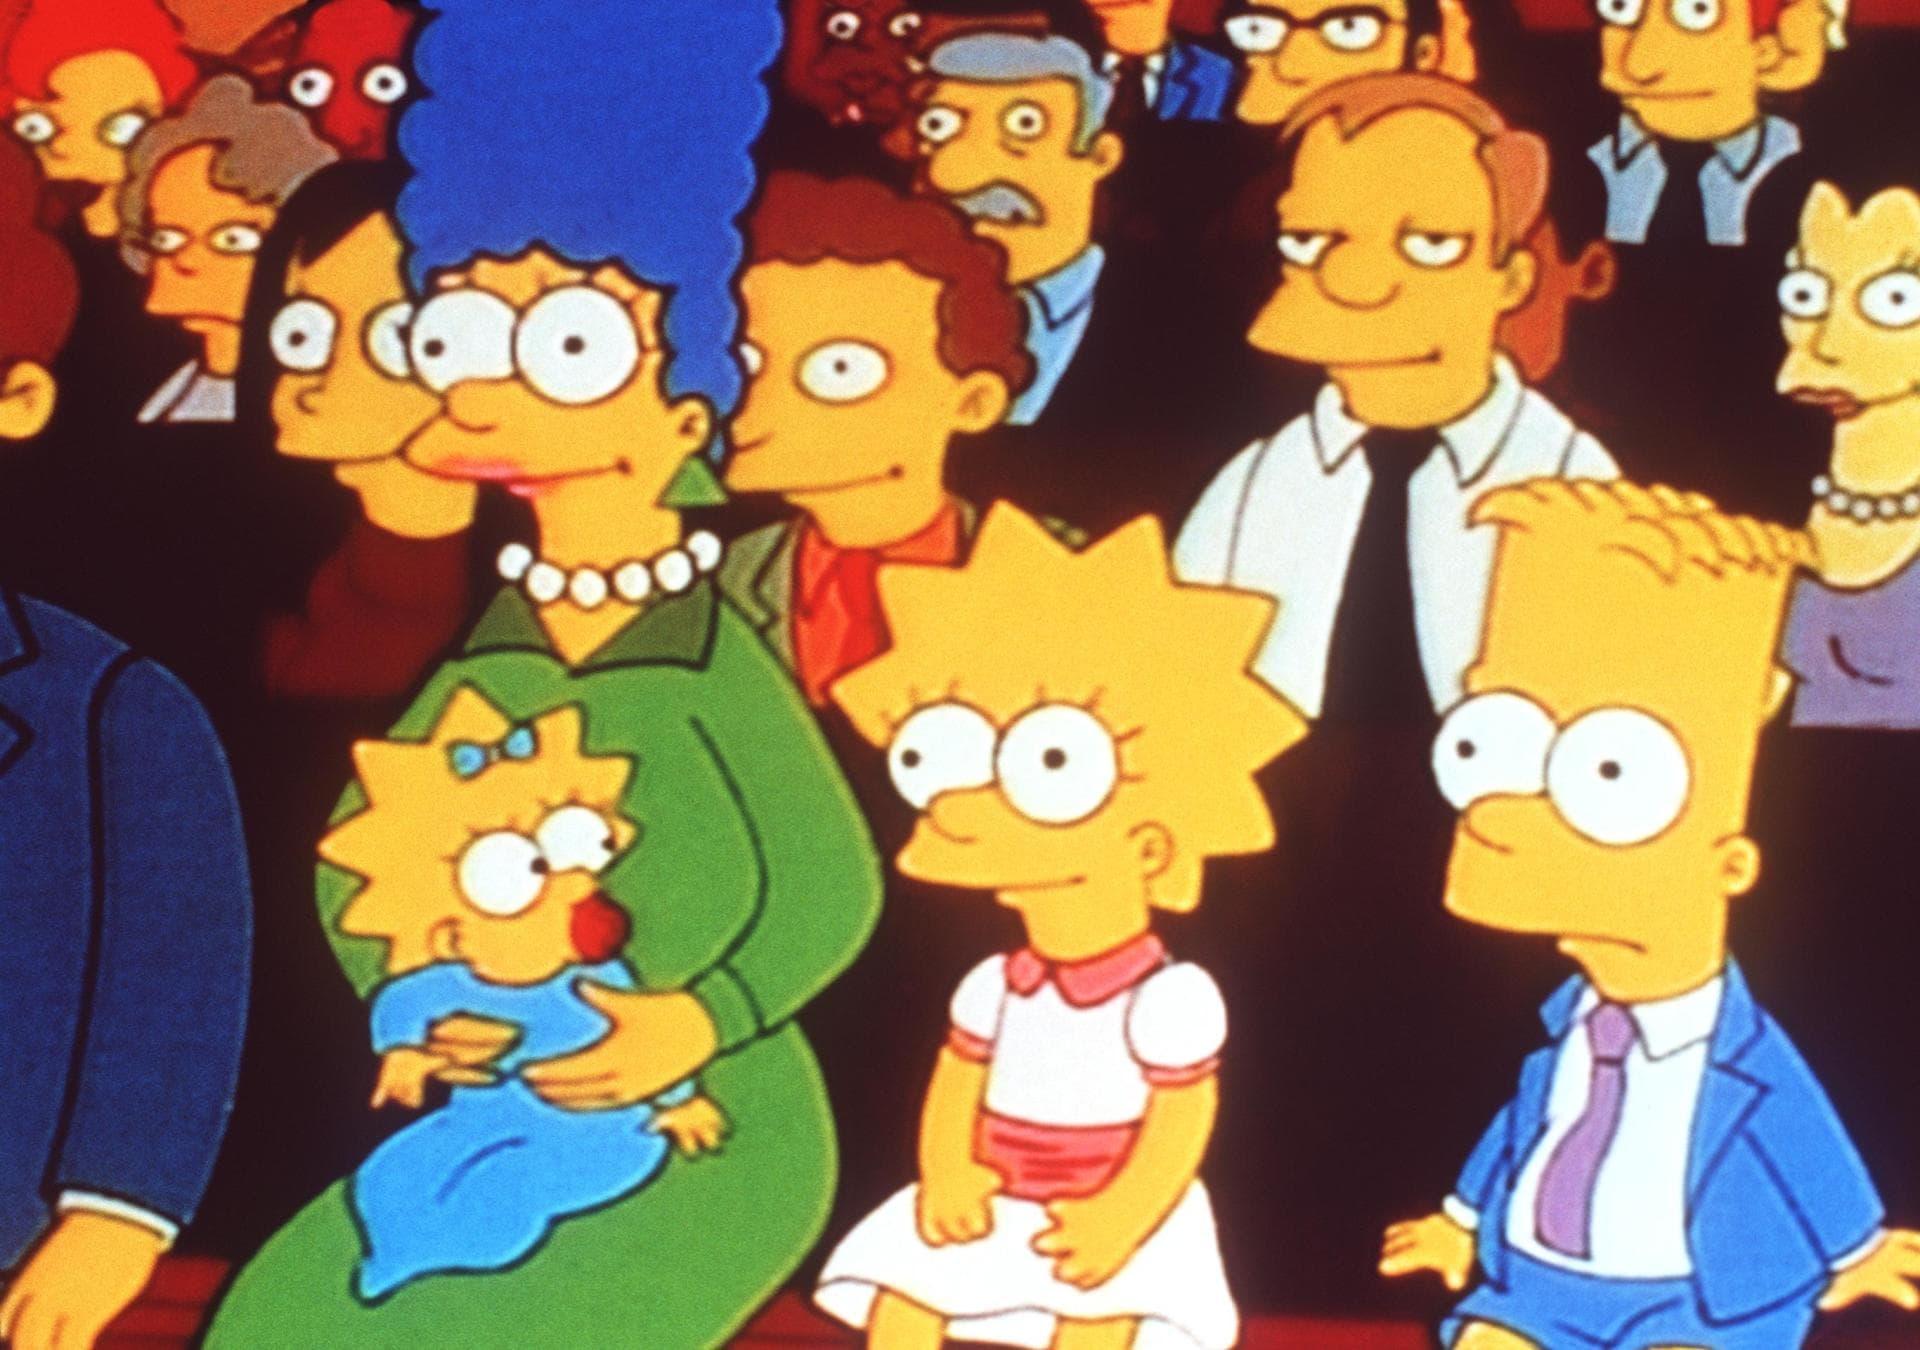 Les Simpson - Le garçon qui en savait trop